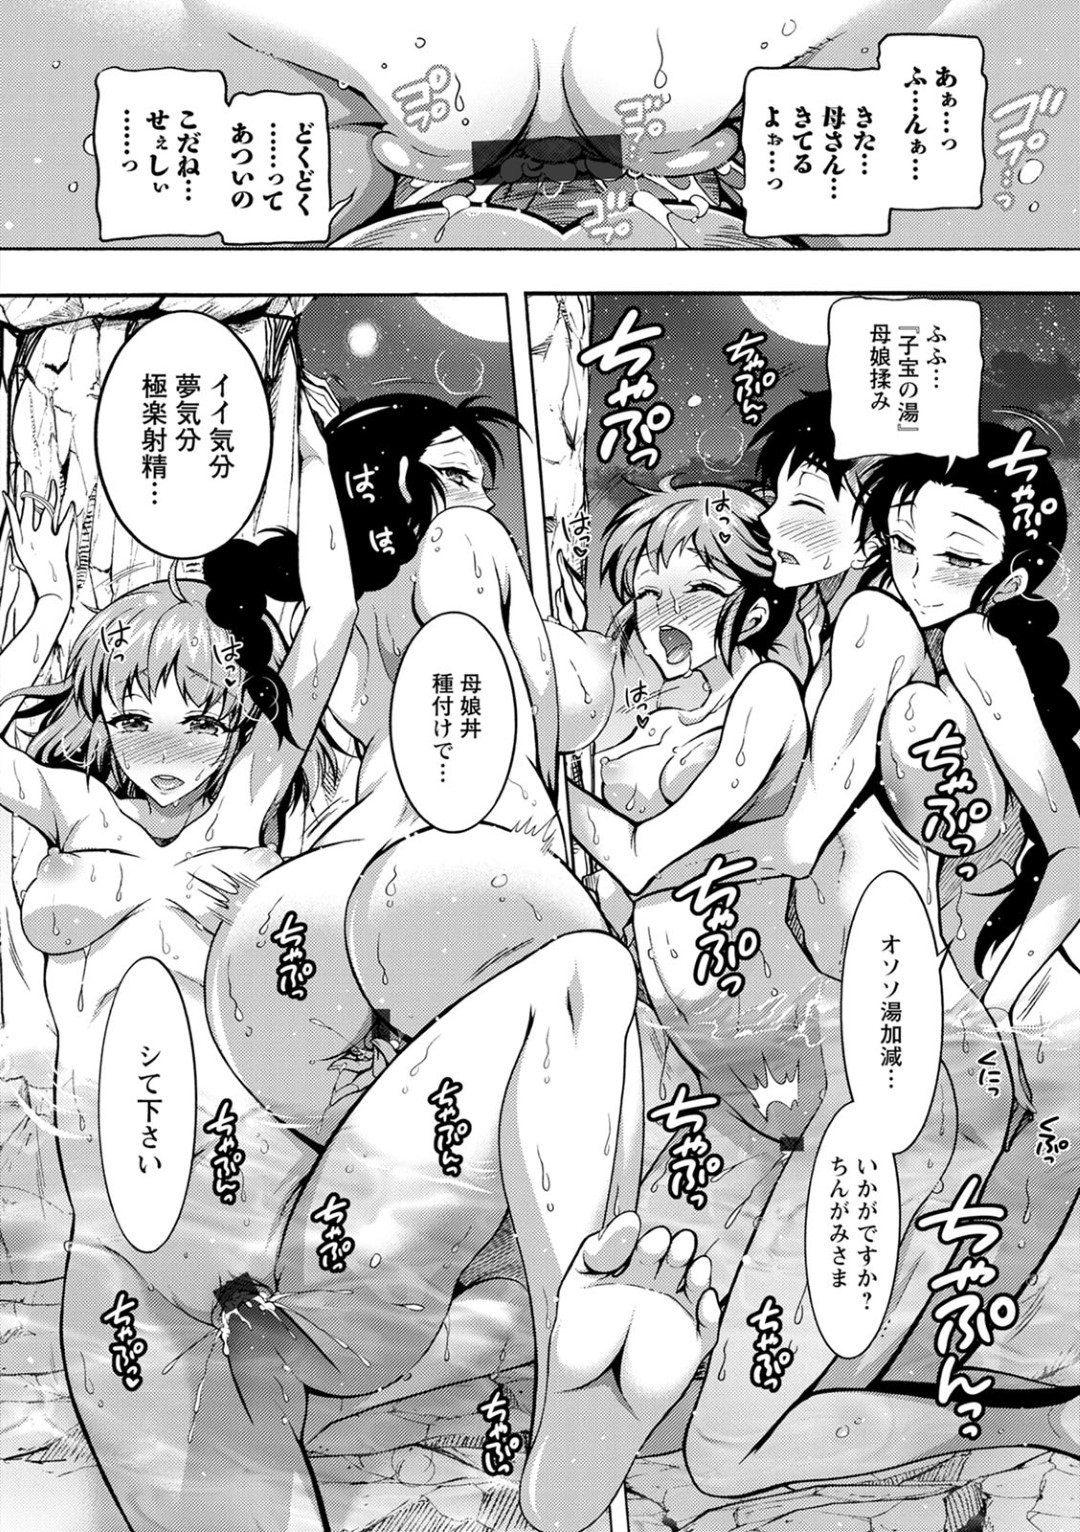 【エロ漫画】ちんがみ様と呼ばれている主人公に温泉でセックスを迫る美人母娘…二人は彼にご奉仕するようにフェラしたり、ダブルパイズリしたりし、正常位やバックなどの体位でチンポを生挿入させる。【ほんだありま:ちんがみさま 第5話】